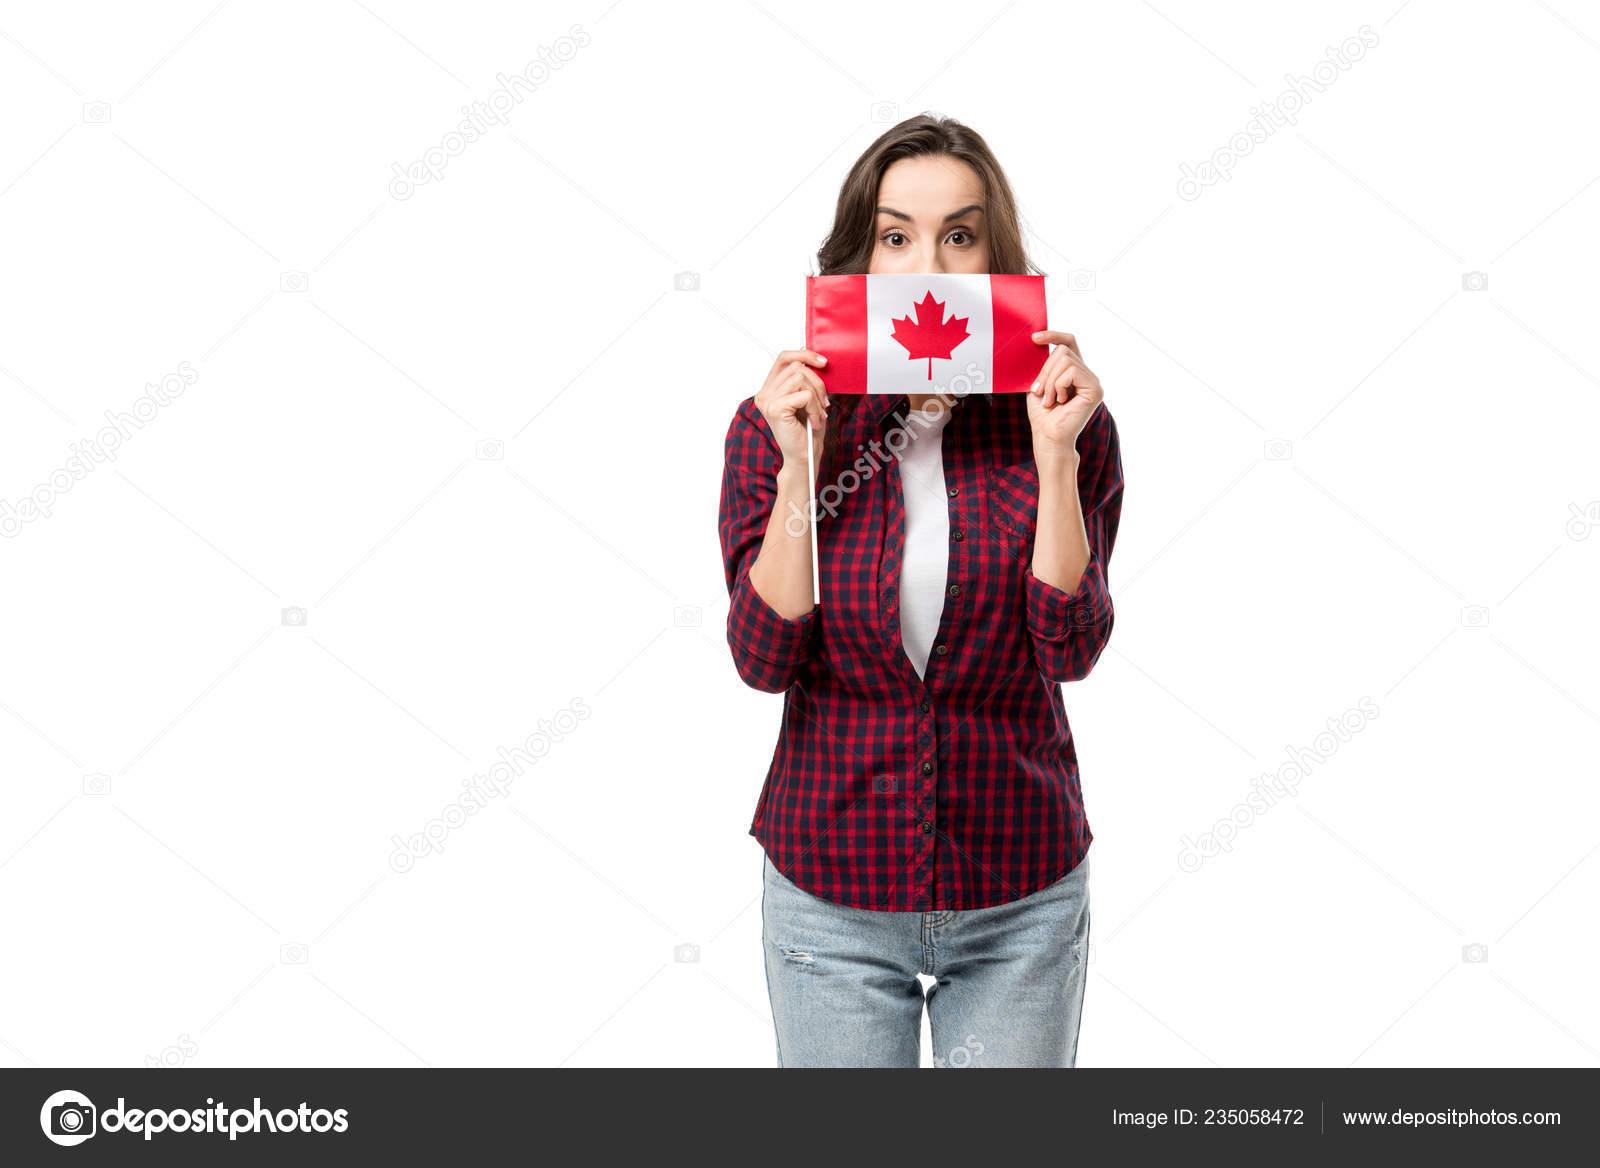 super popular 35bd3 2bef6 Donna Abbigliamento Casual Che Tiene Bandiera Canadese ...